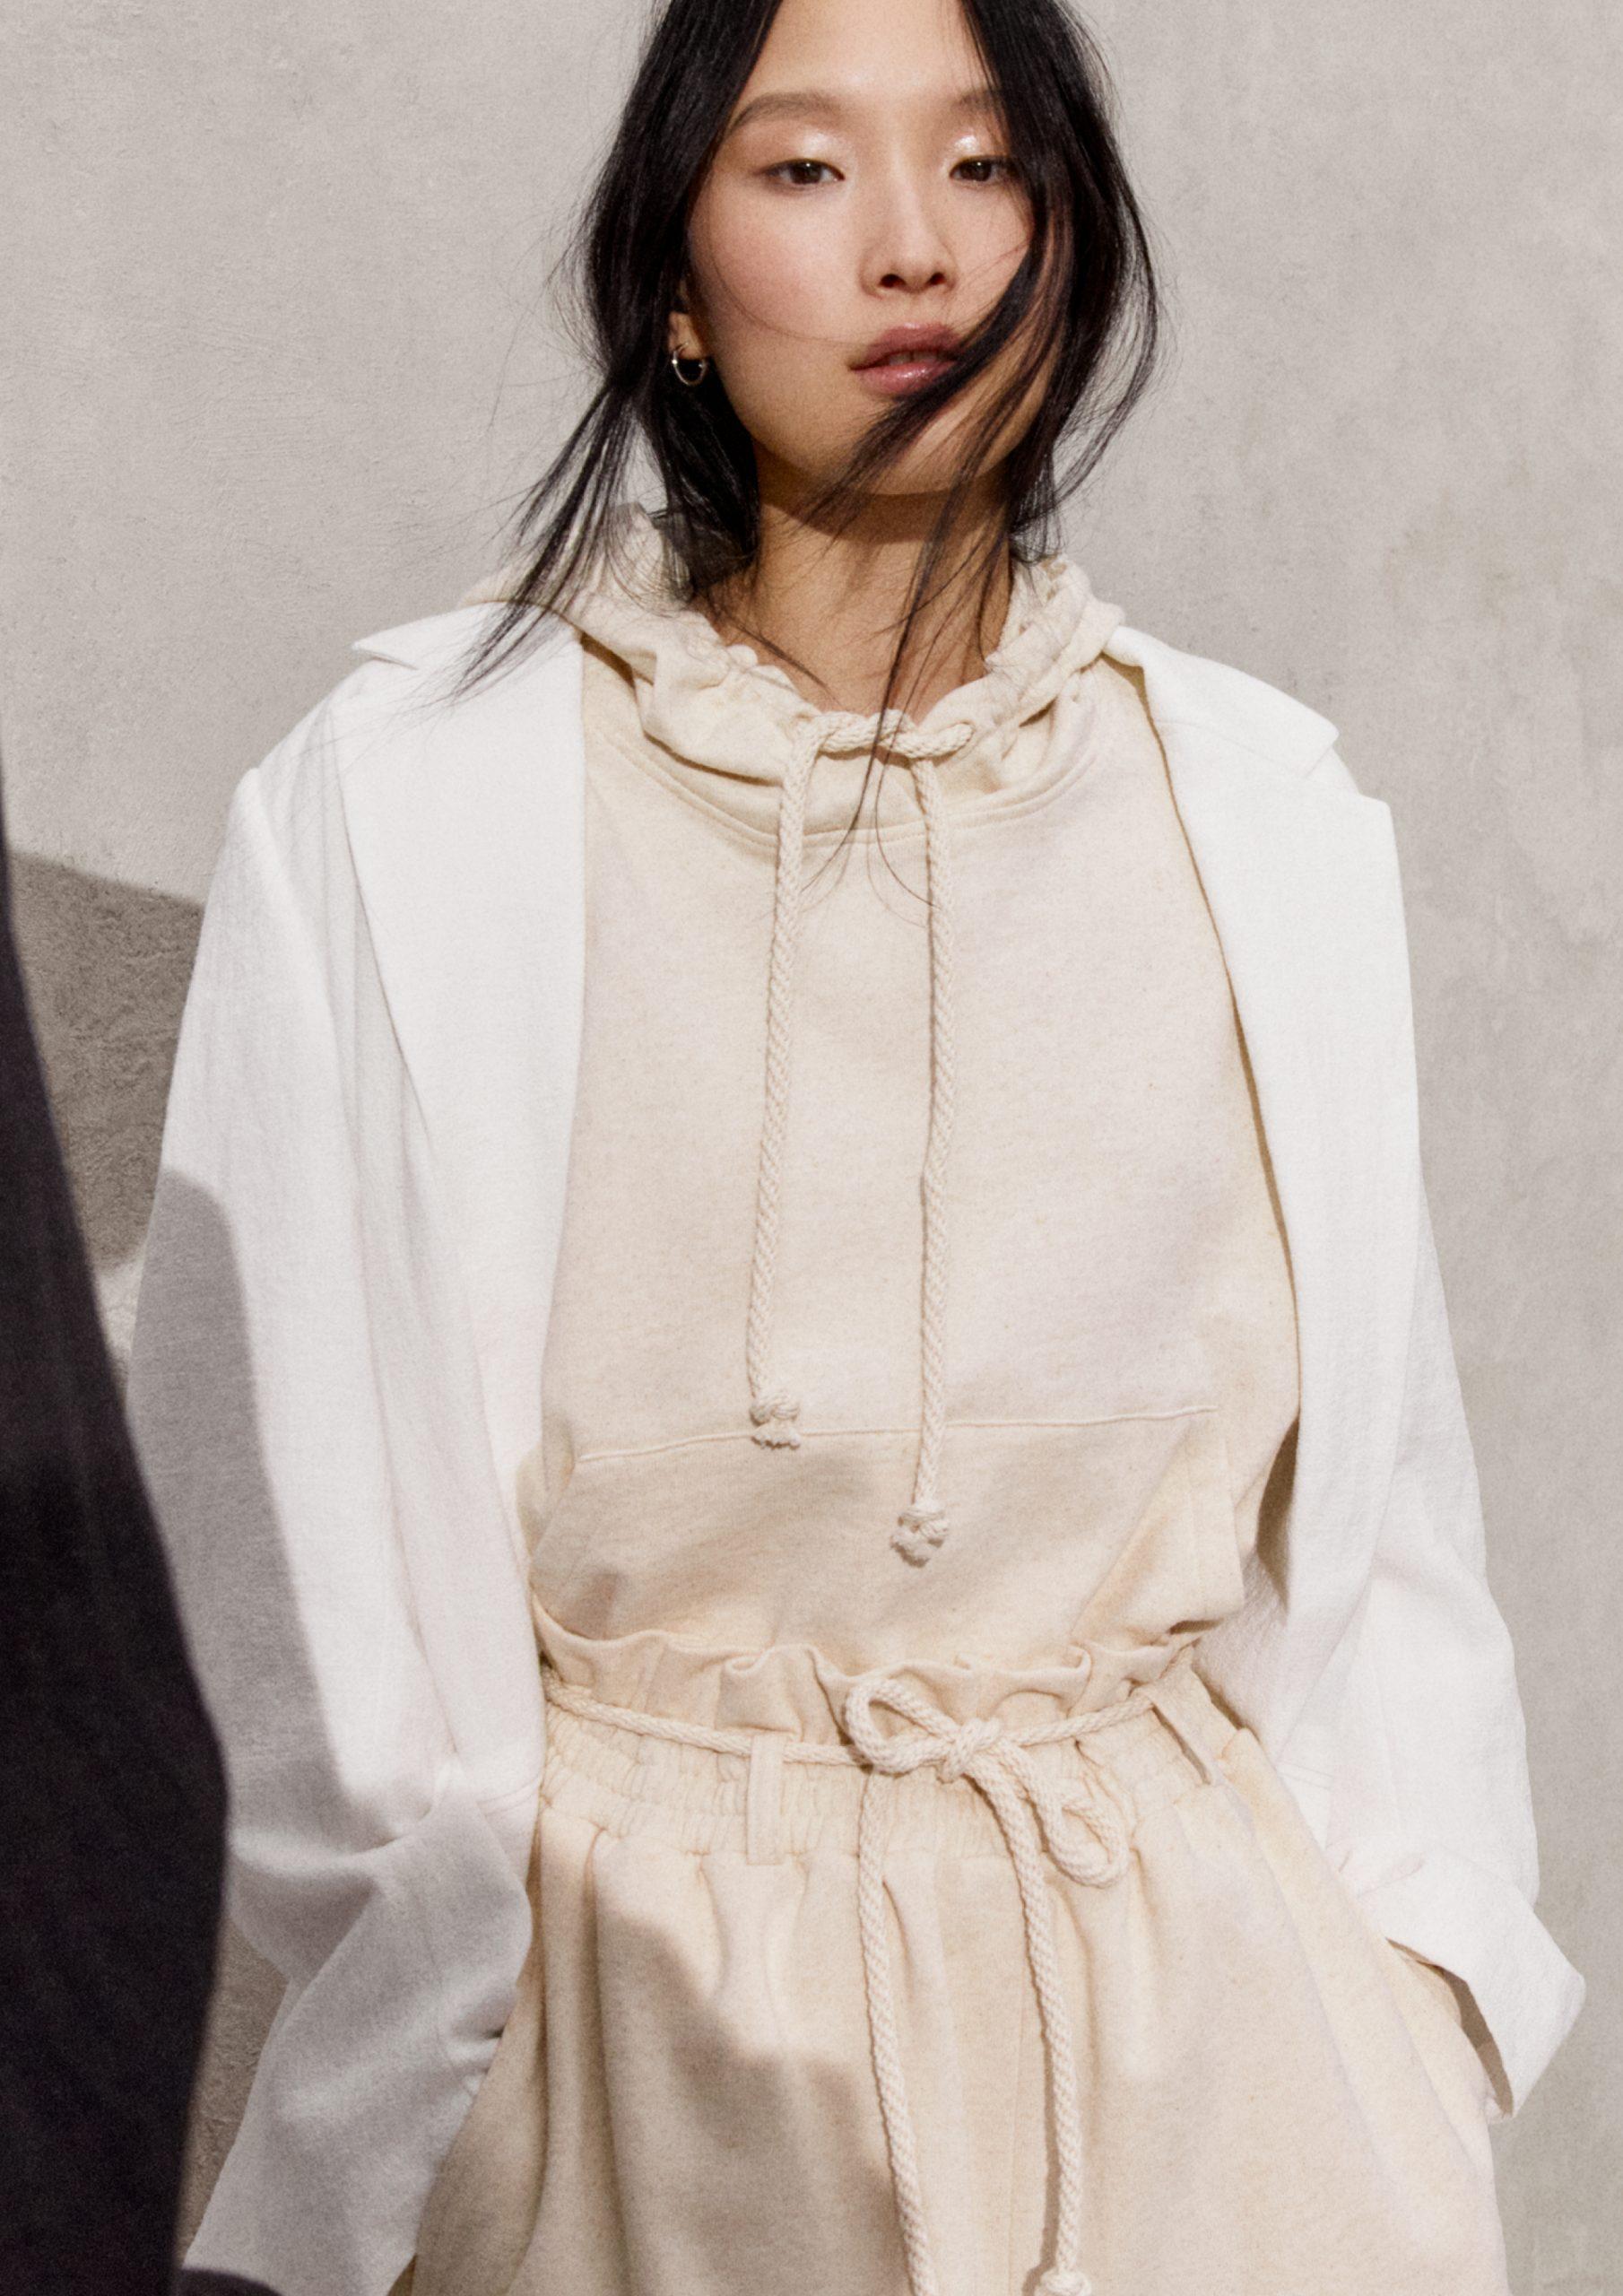 1103-Spring-Fashion-Portrait-Campaign-Images-300ppi-04